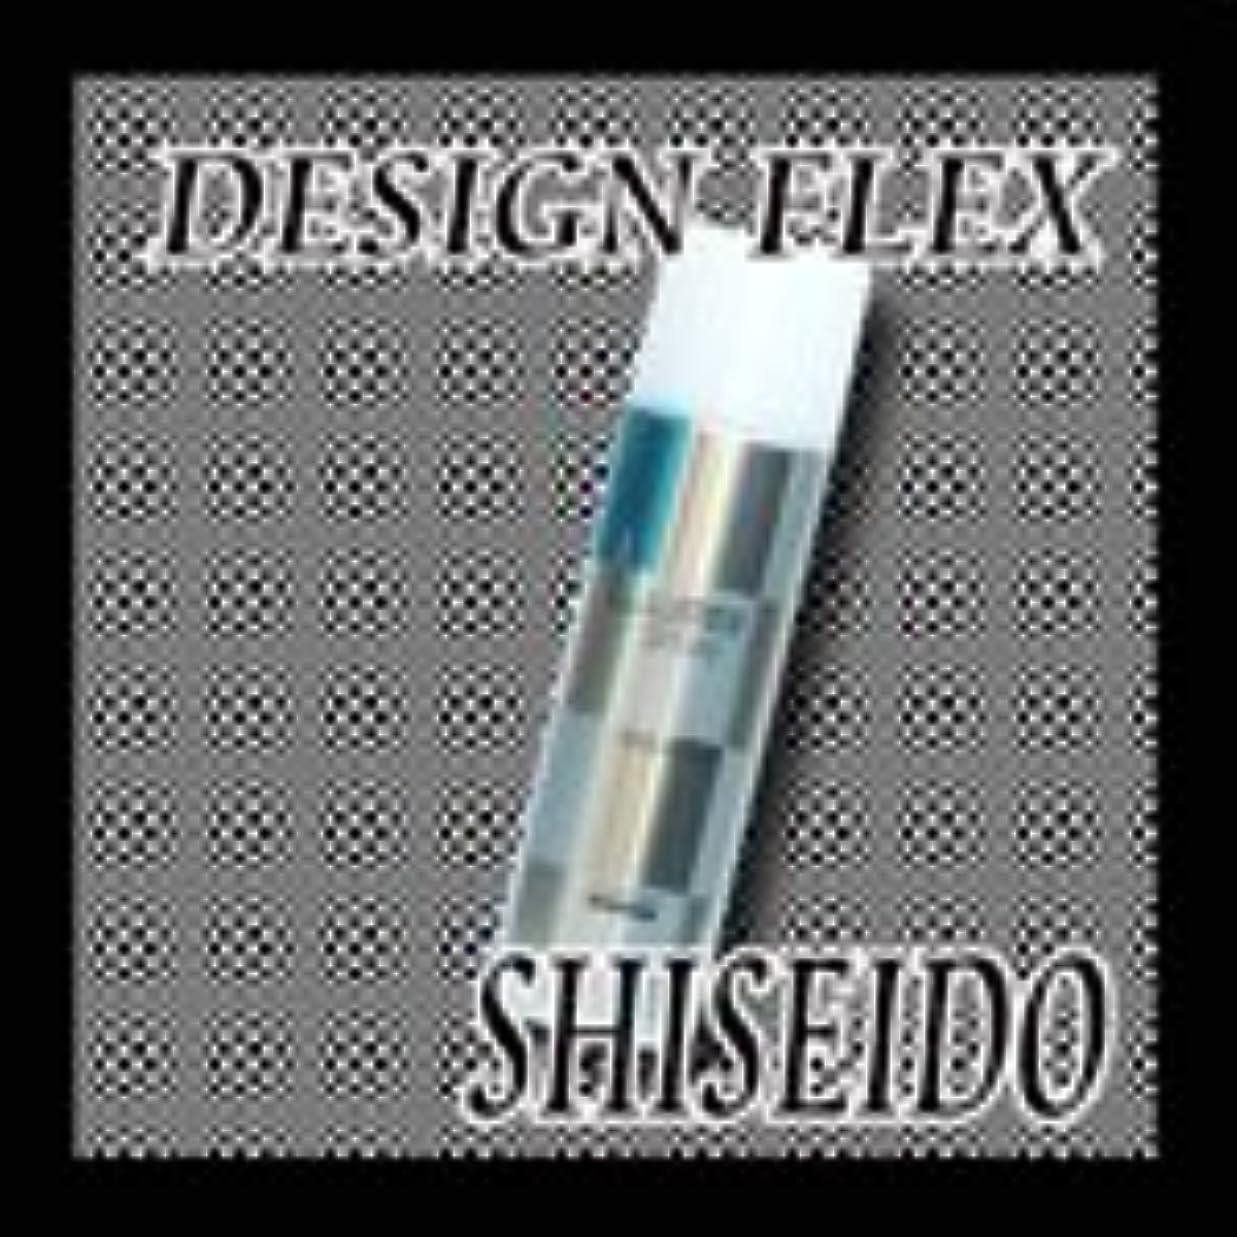 振りかける特性精神医学SHISEIDO 資生堂 プロフェッショナル DESIGN FLEX デザインフレックス ラスタースプレー215g